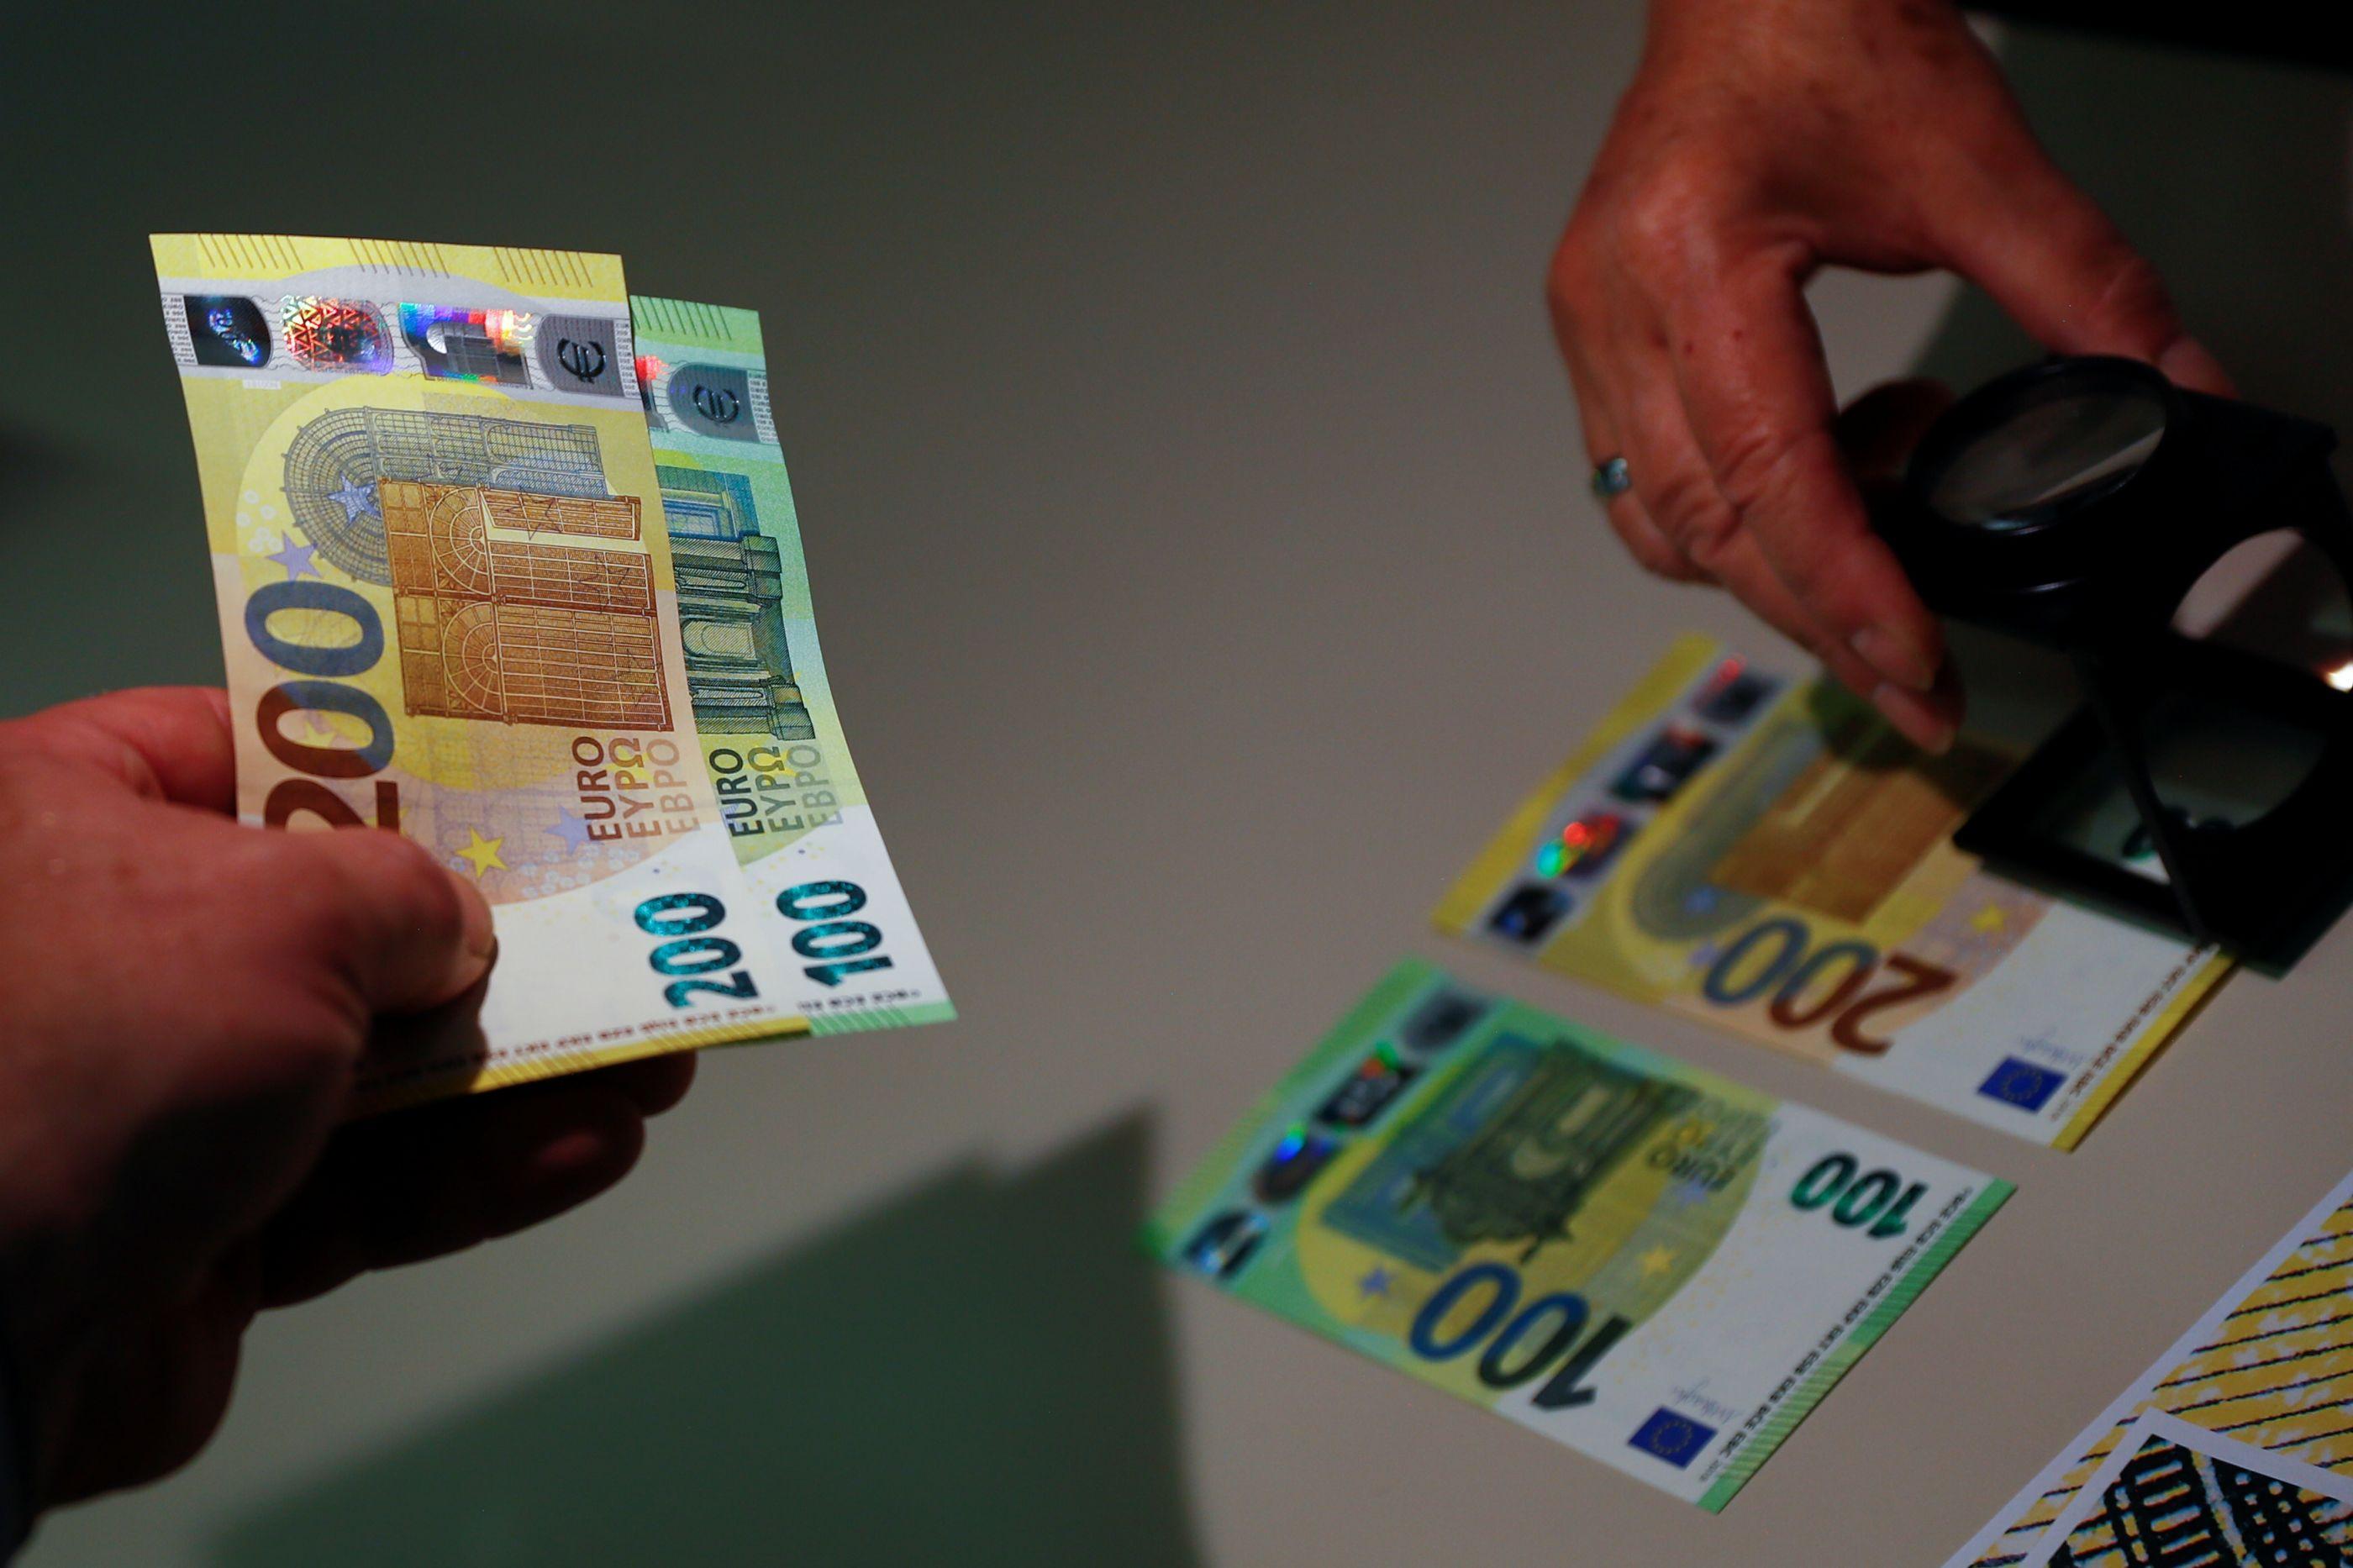 Estas serão as novas notas de 100 e 200 euros. Em maio começam a circular